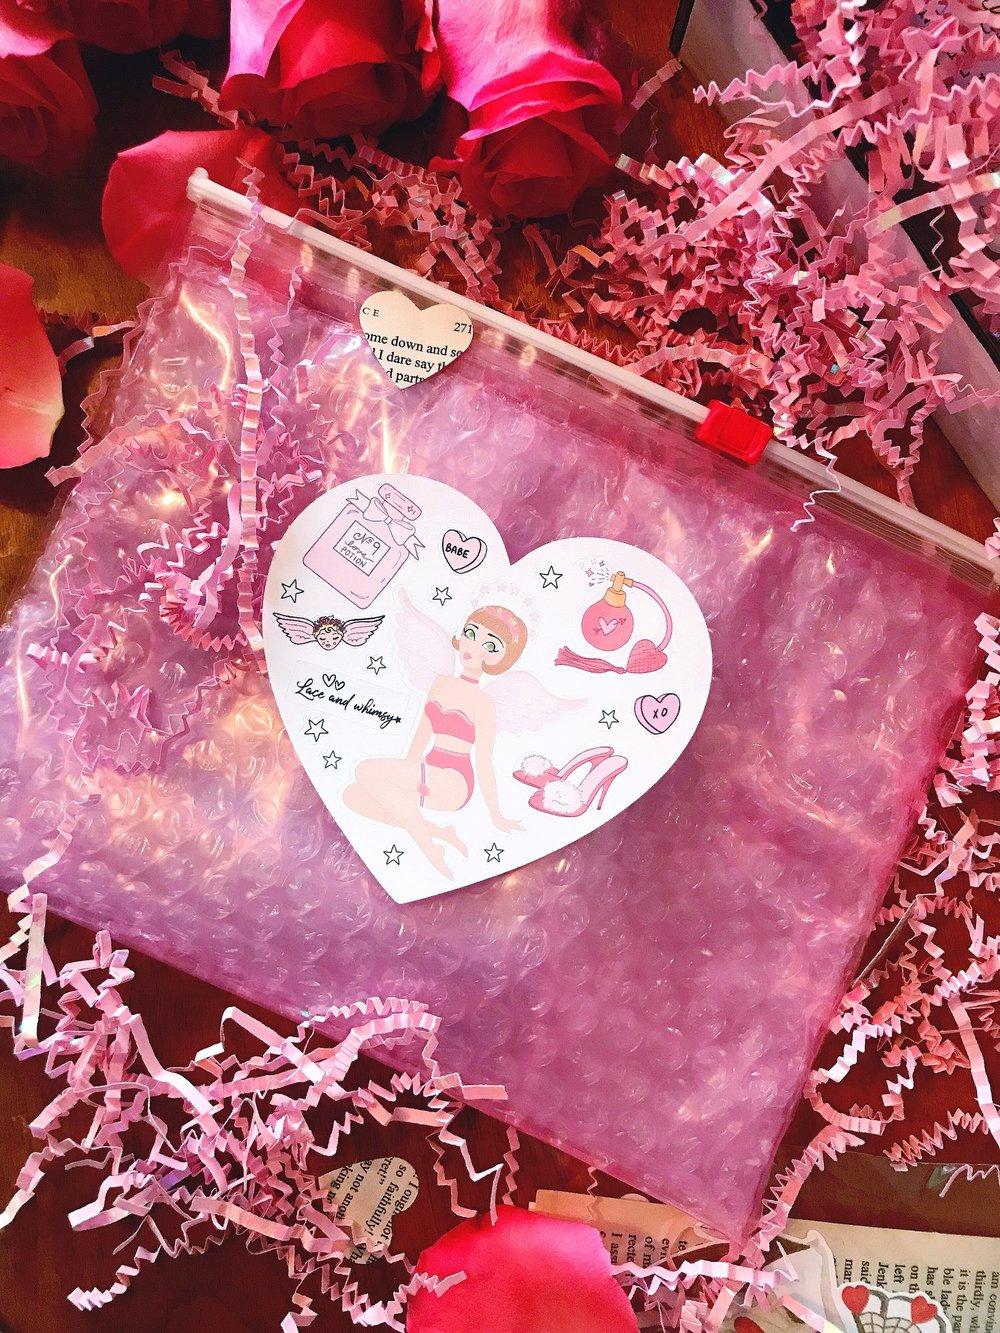 Follies of Love 01 Sticker Sheet